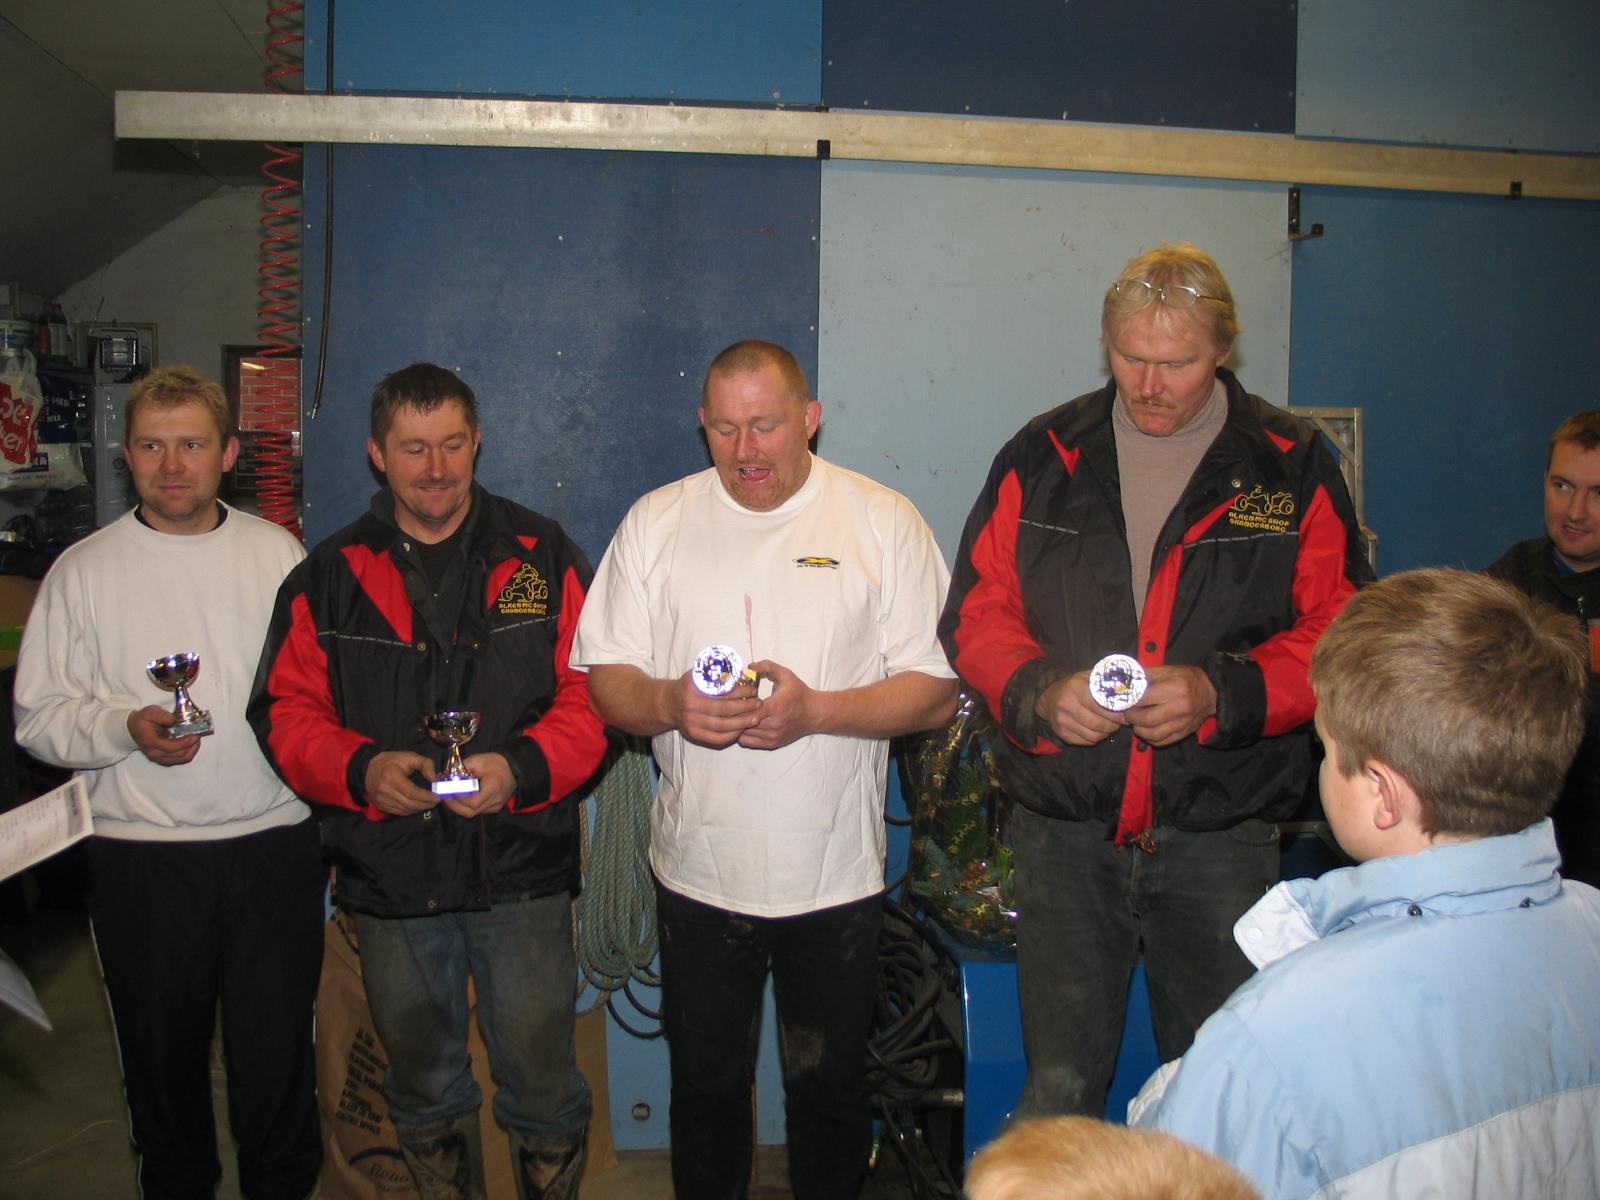 Quad Mini. Fra venstre Kim Læssøbo nr. 2, vinderen Frank Jensen, nr. 4 Tom Jensen, nr. 3 Brian Jensen.